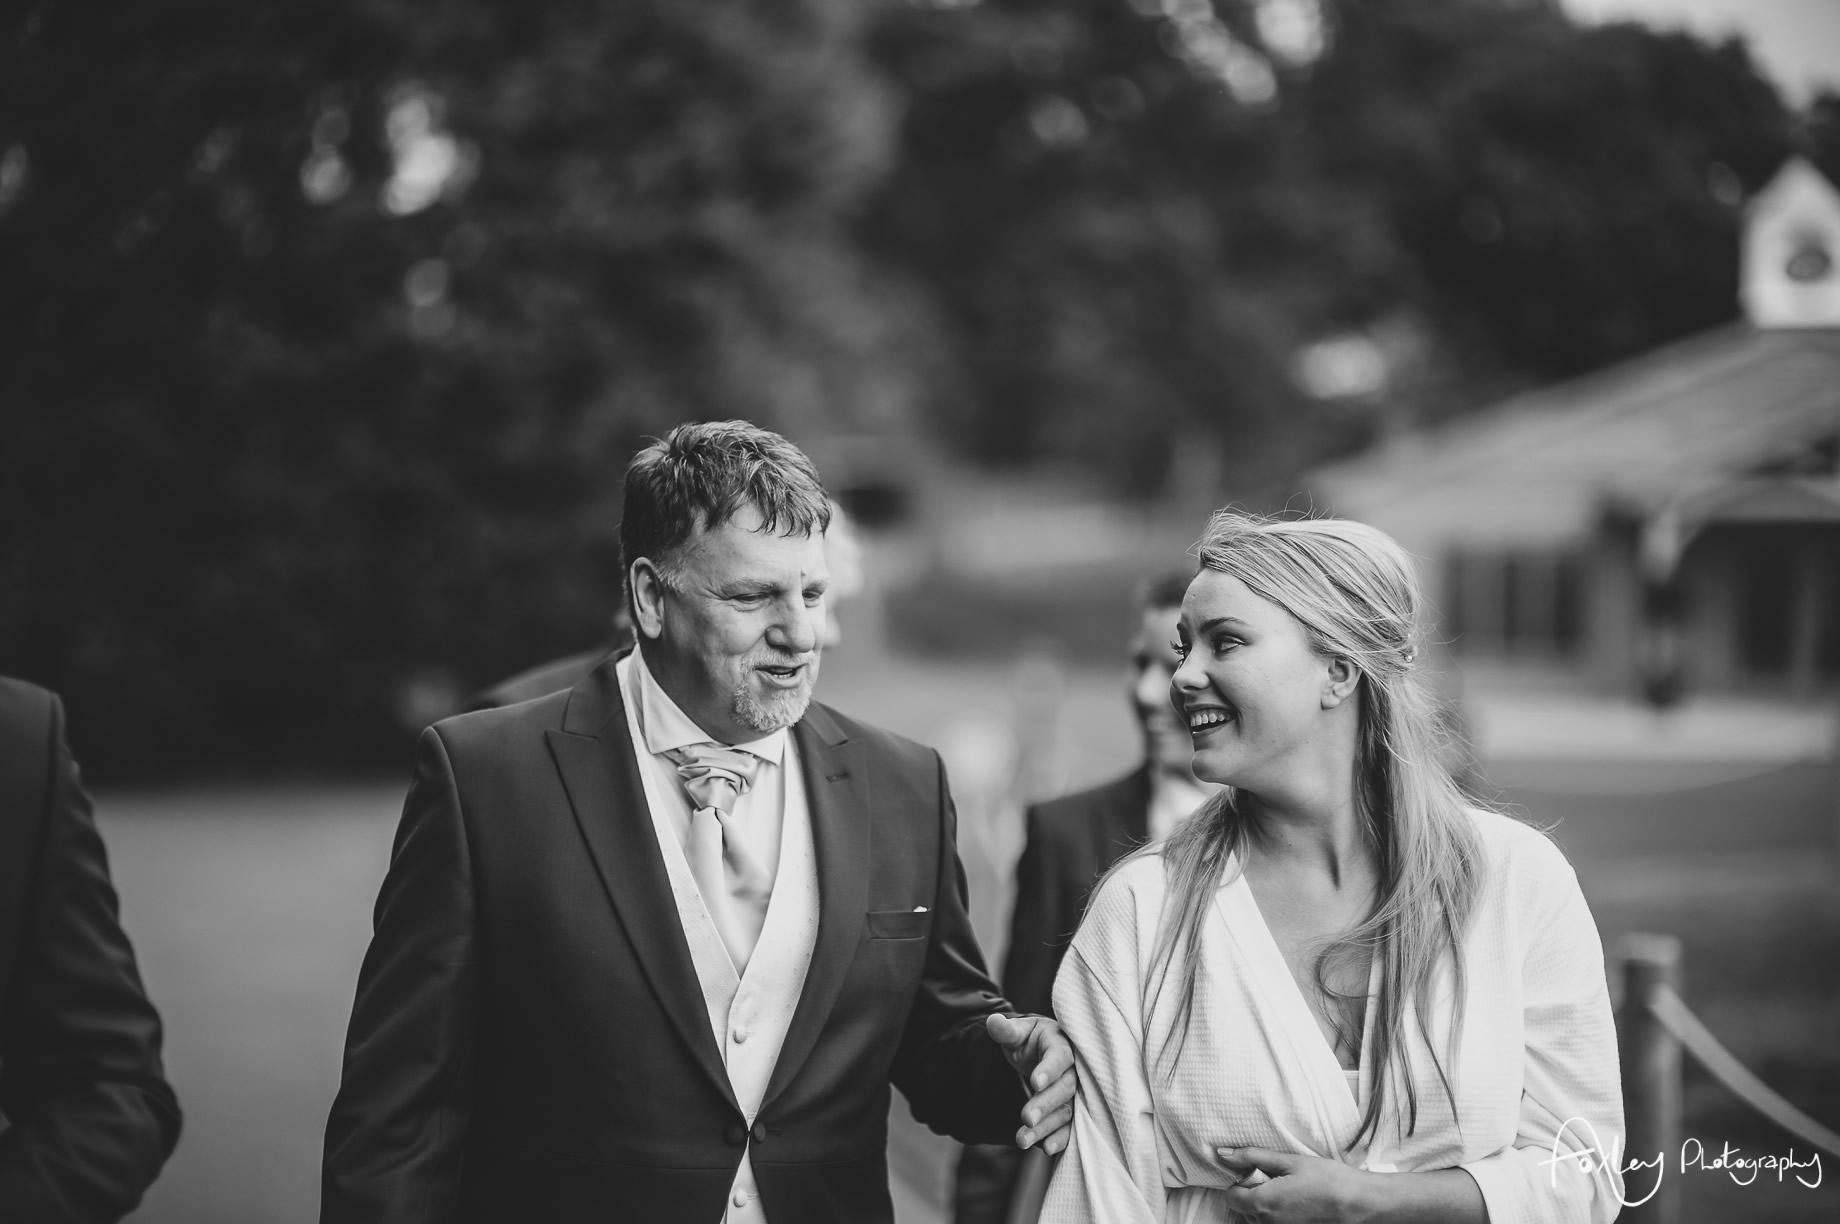 Simona-and-Robert-Wedding-at-Colshaw-Hall-043